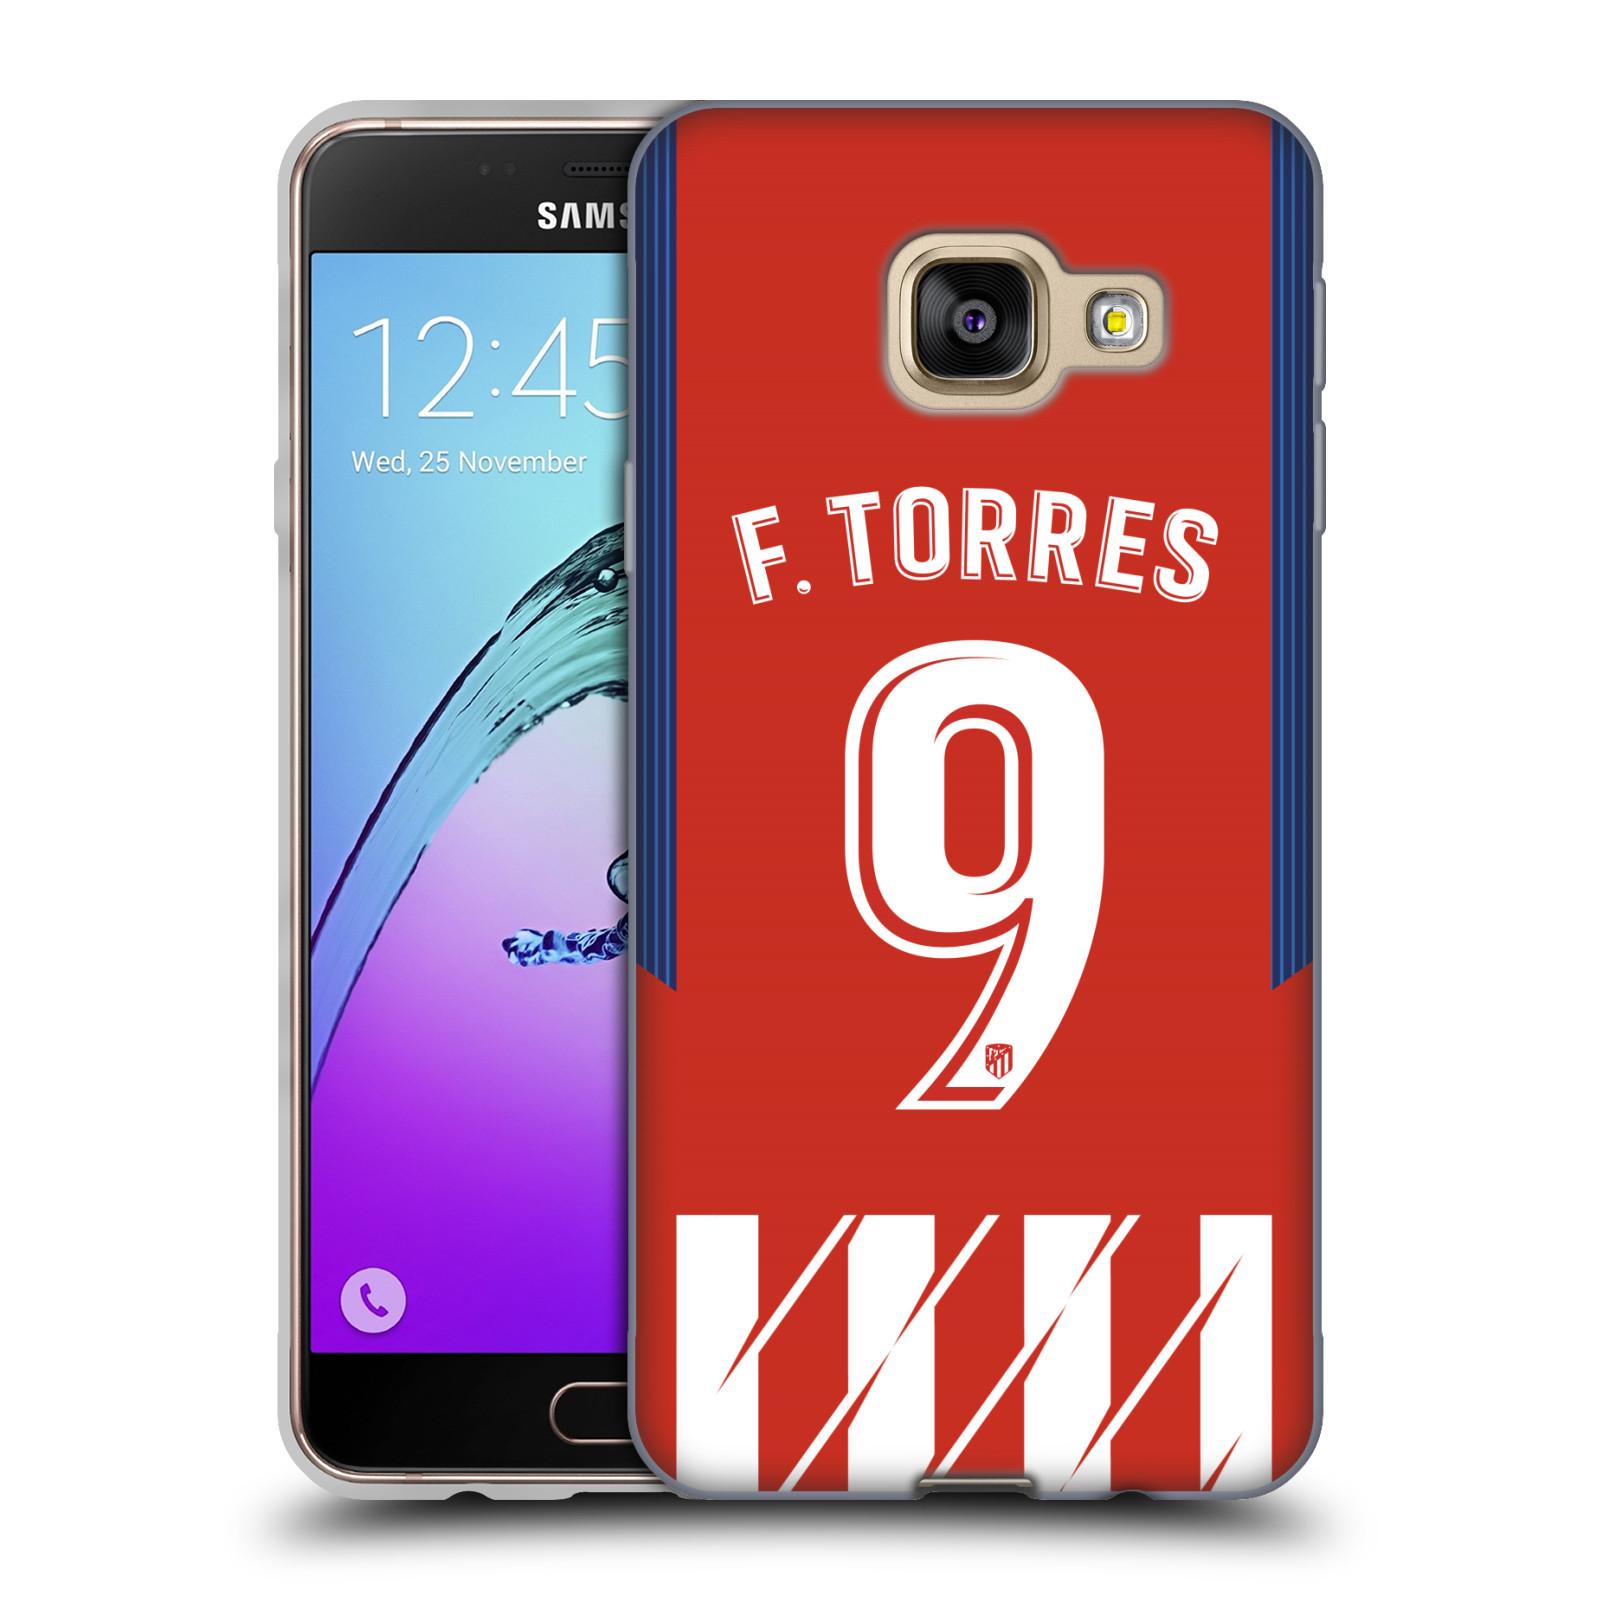 HEAD CASE silikonový obal na mobil Samsung Galaxy A3 2016 (A310) Fotbalový klub Atlético Madrid dres Fernando Torres